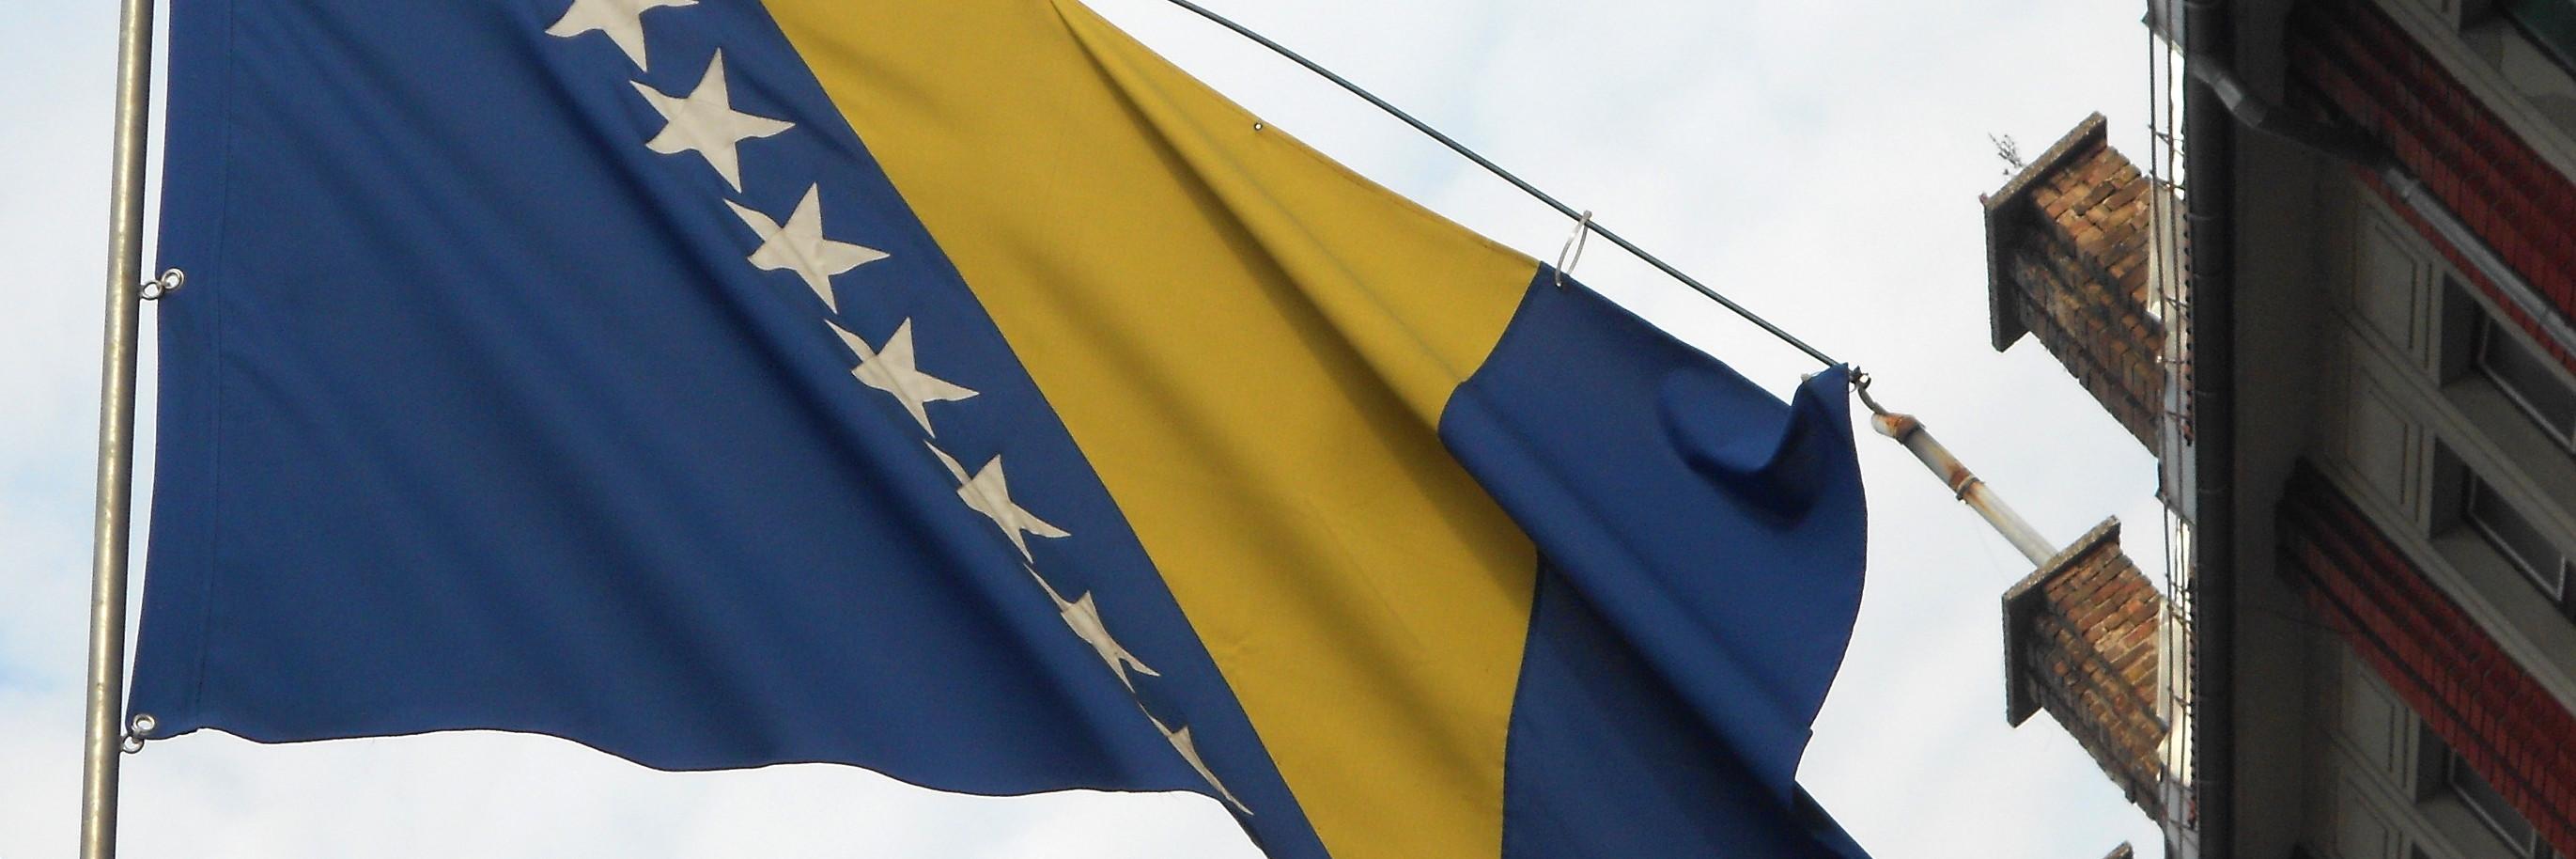 20 фактов о Боснии и Герцеговине